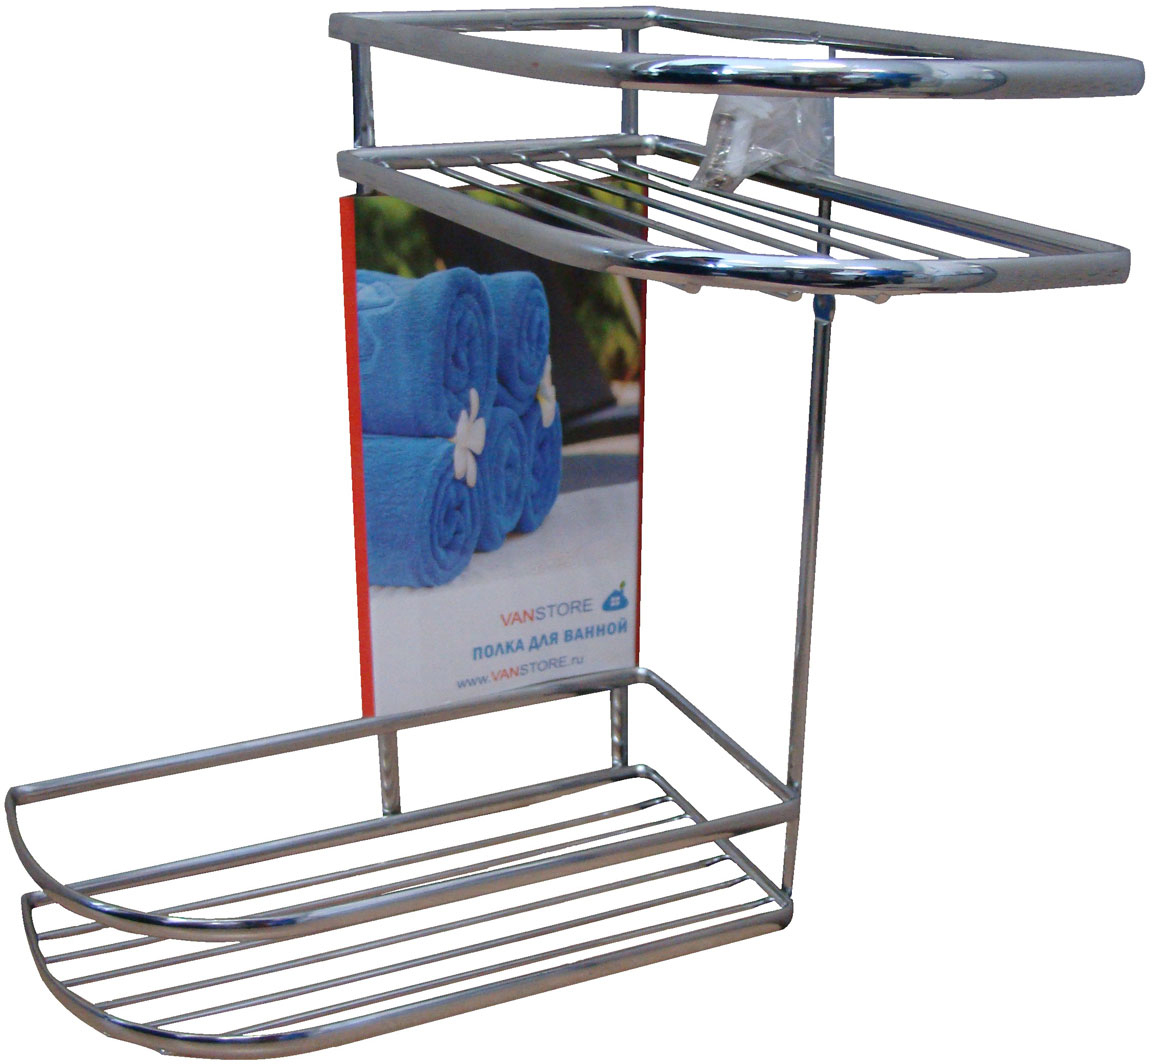 Полка для ванной комнаты Vanstore Comfort, цвет: хром полка для ванной vanstore с держателем для полотенец 60 см х 24 5 см х 18 см